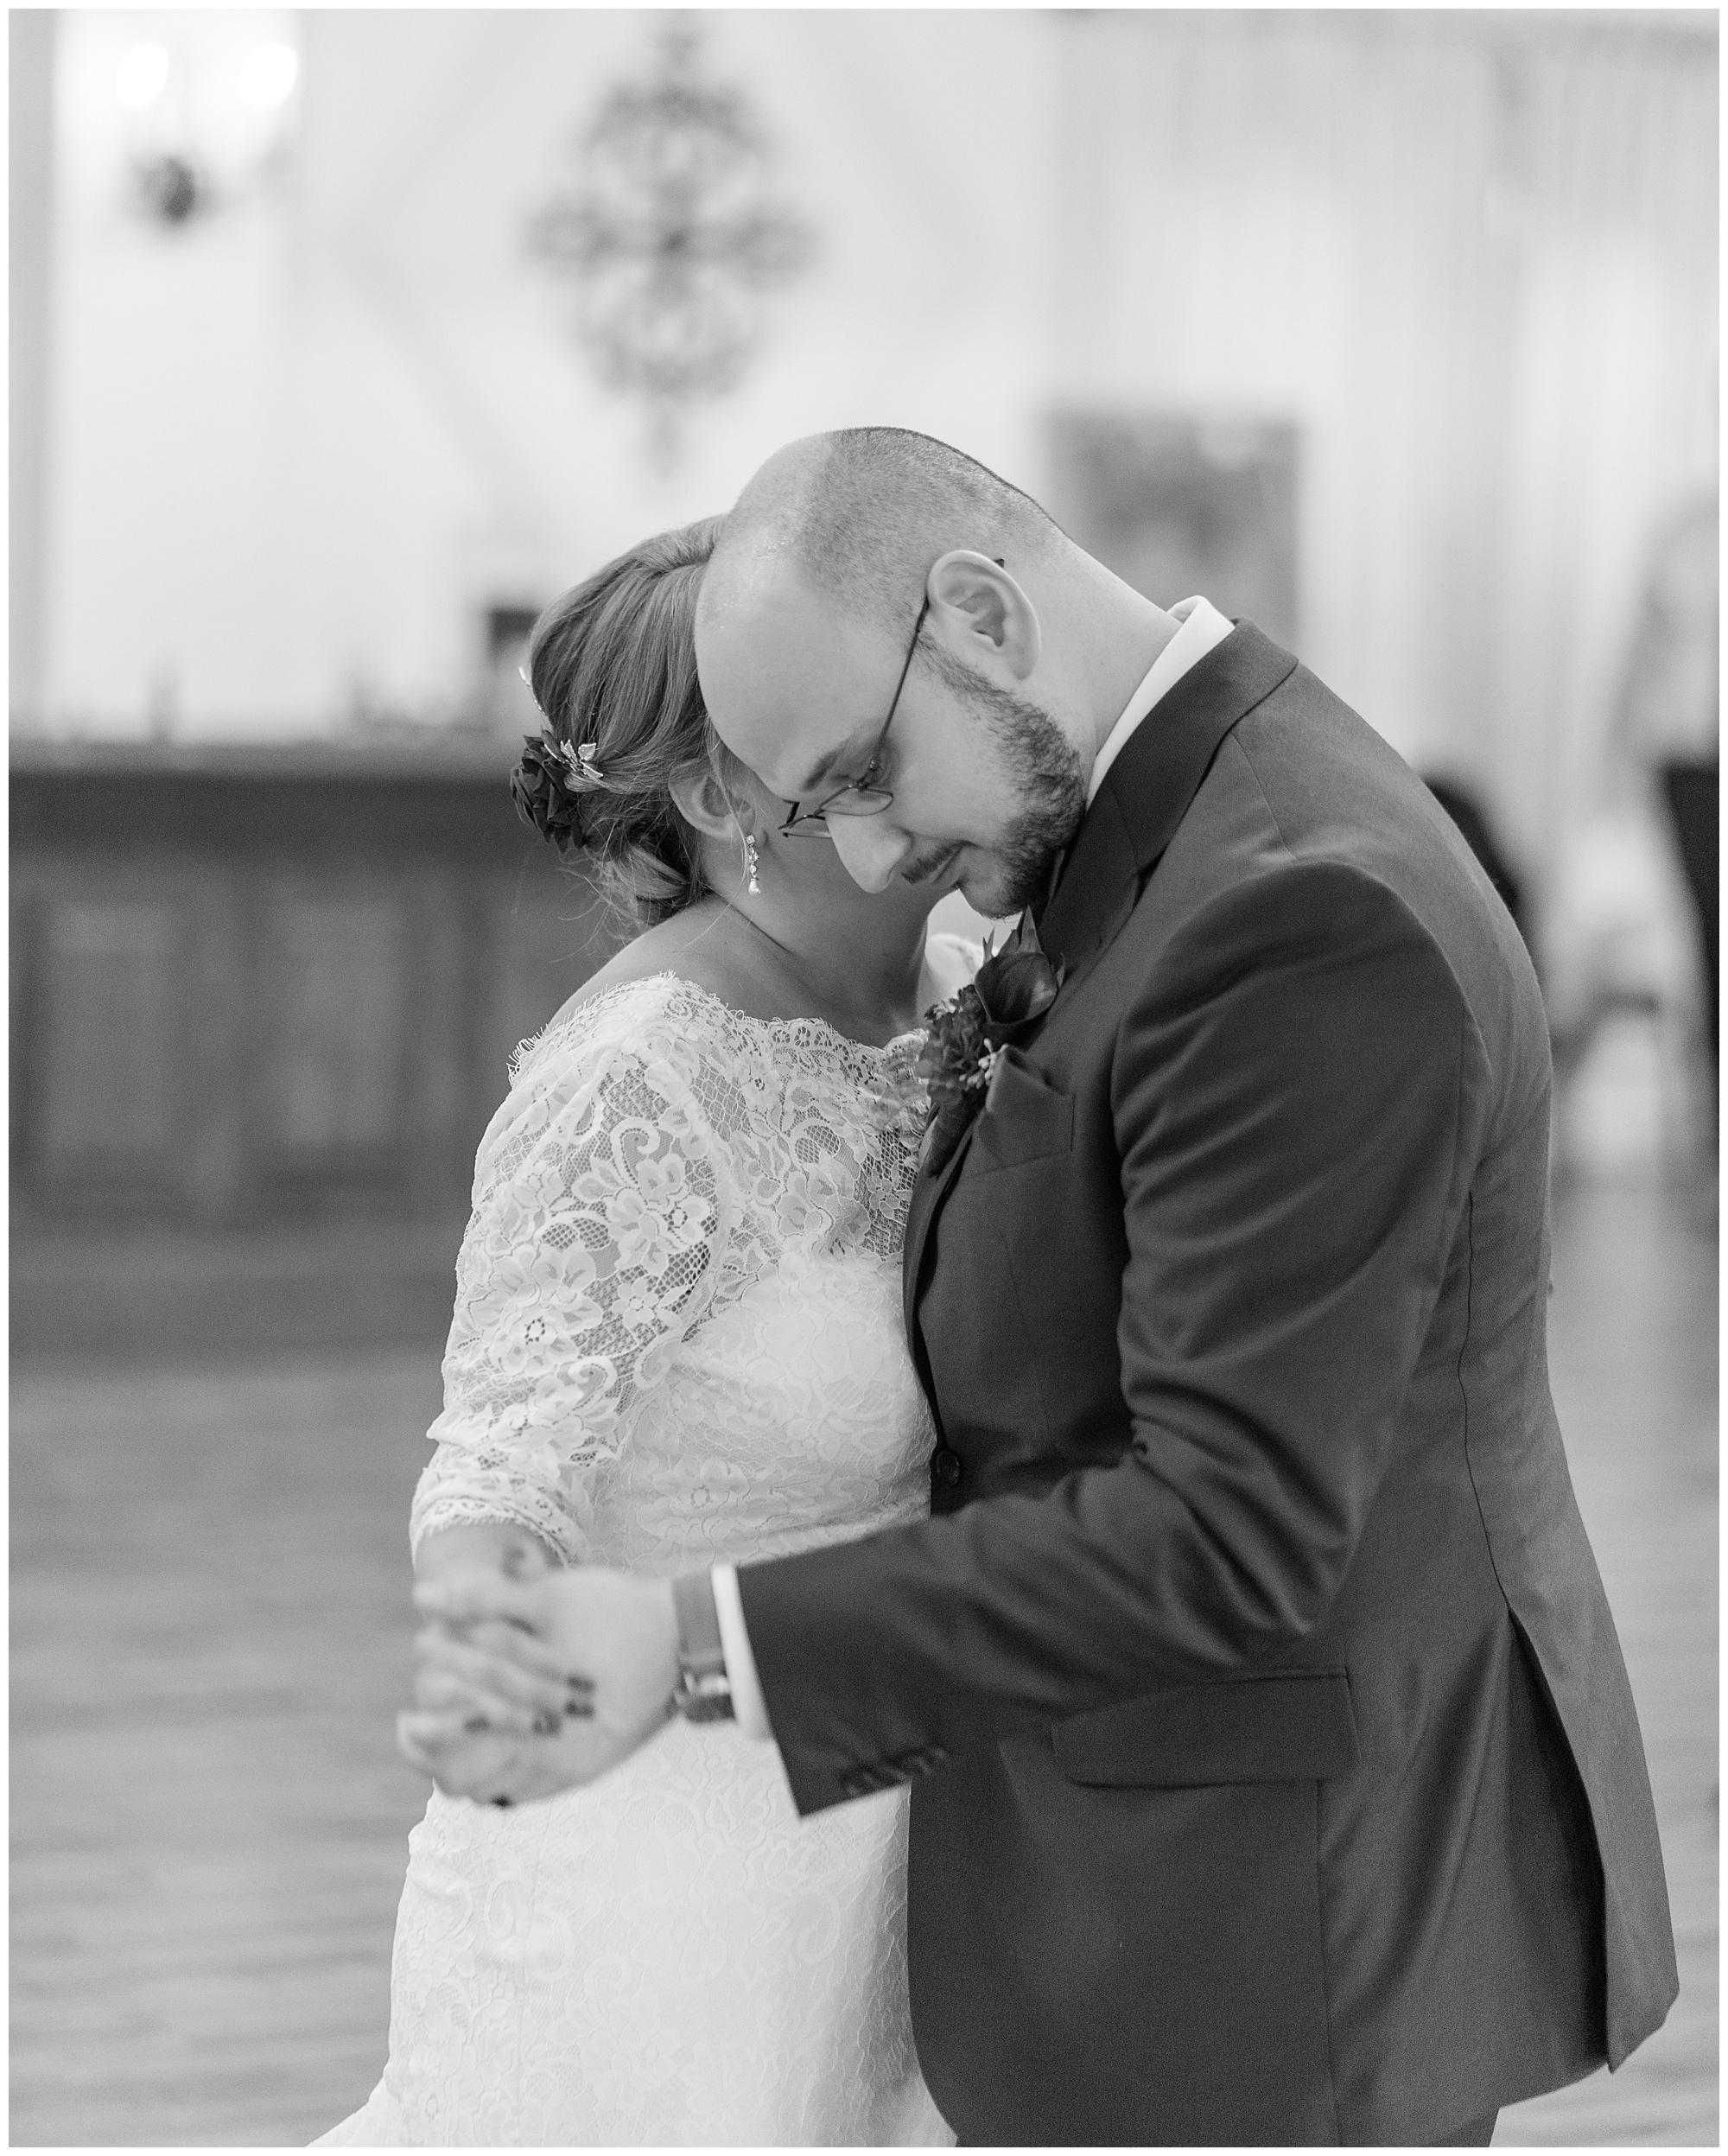 Loudoun County wedding photographer